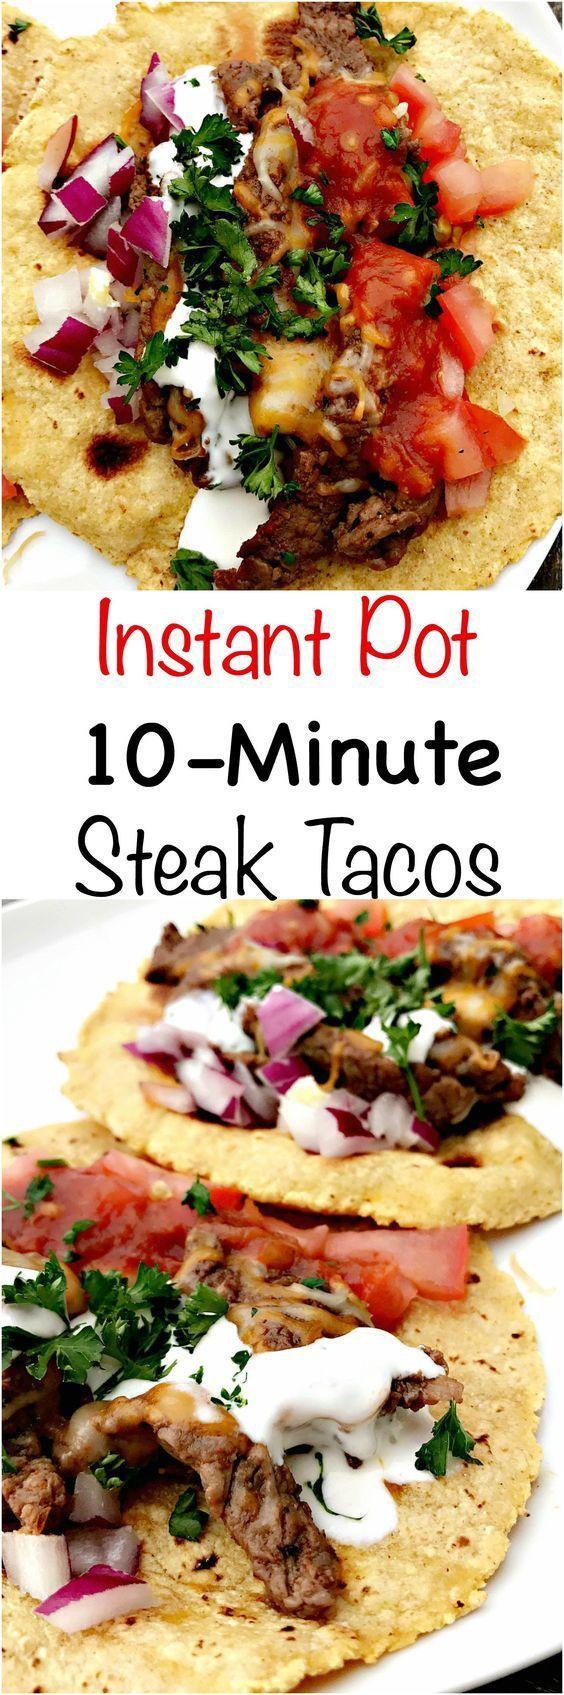 Instant Pot 10 minute steak tacos